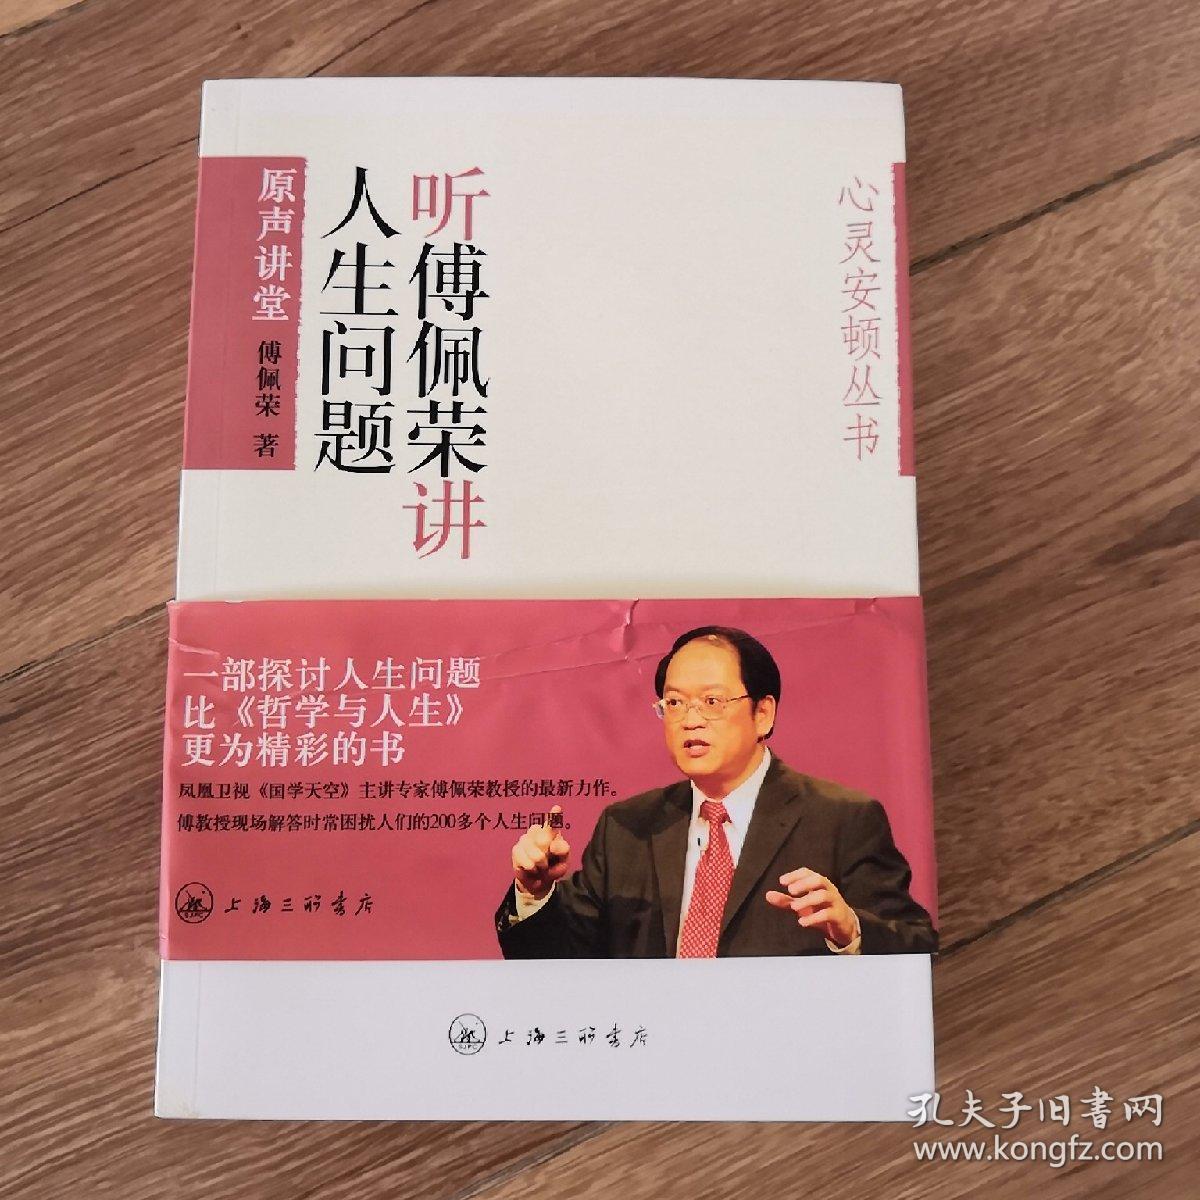 傅佩荣詺)���$����\_听傅佩荣讲人生问题